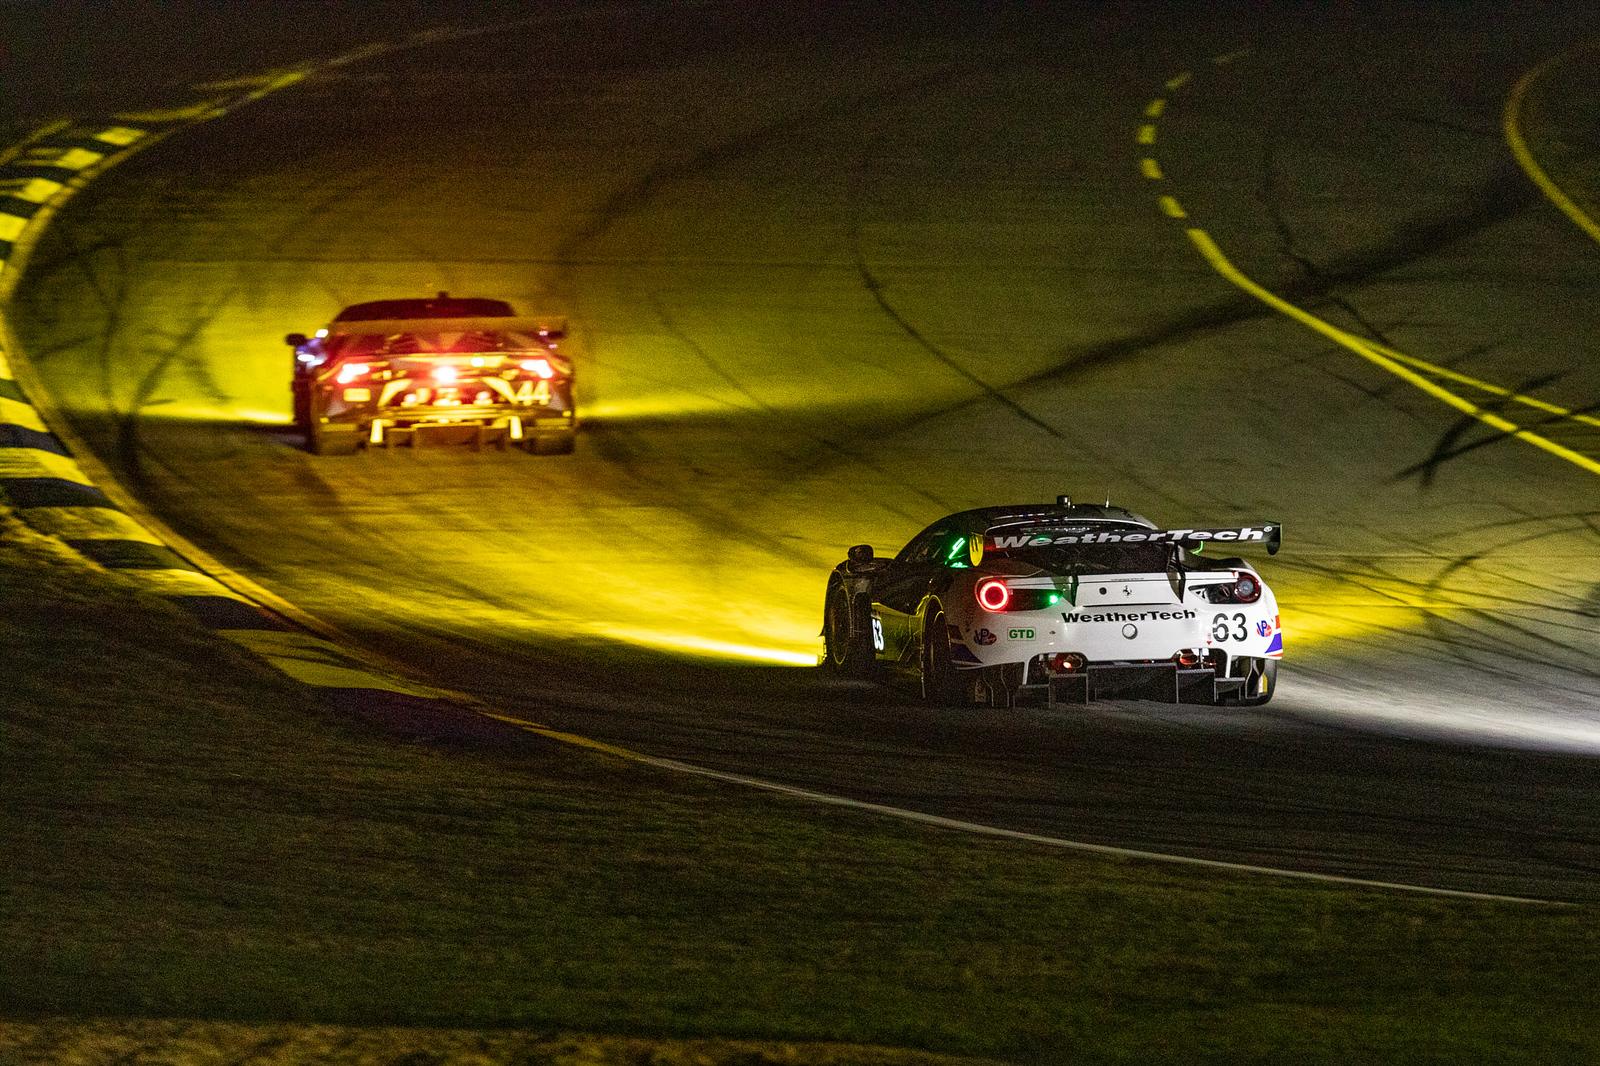 Ferrari rounding a turn in traffic.